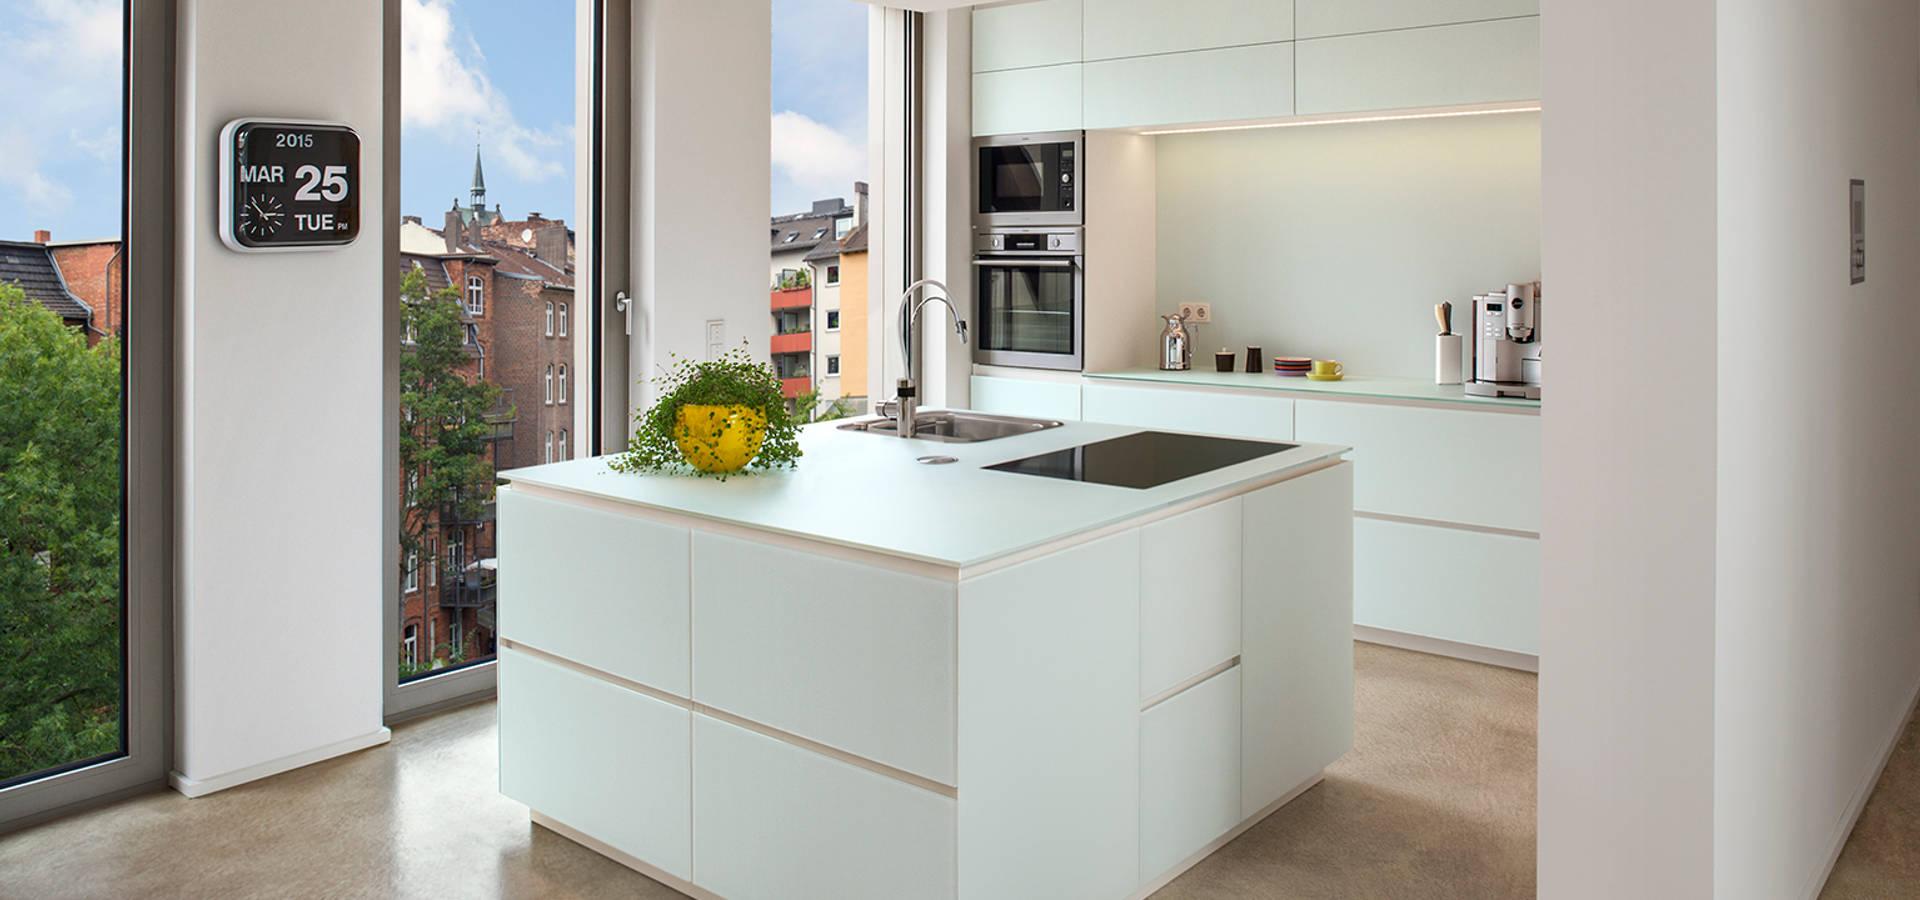 Bau- und Möbelschreinerei Mihm GmbH & Co. KG